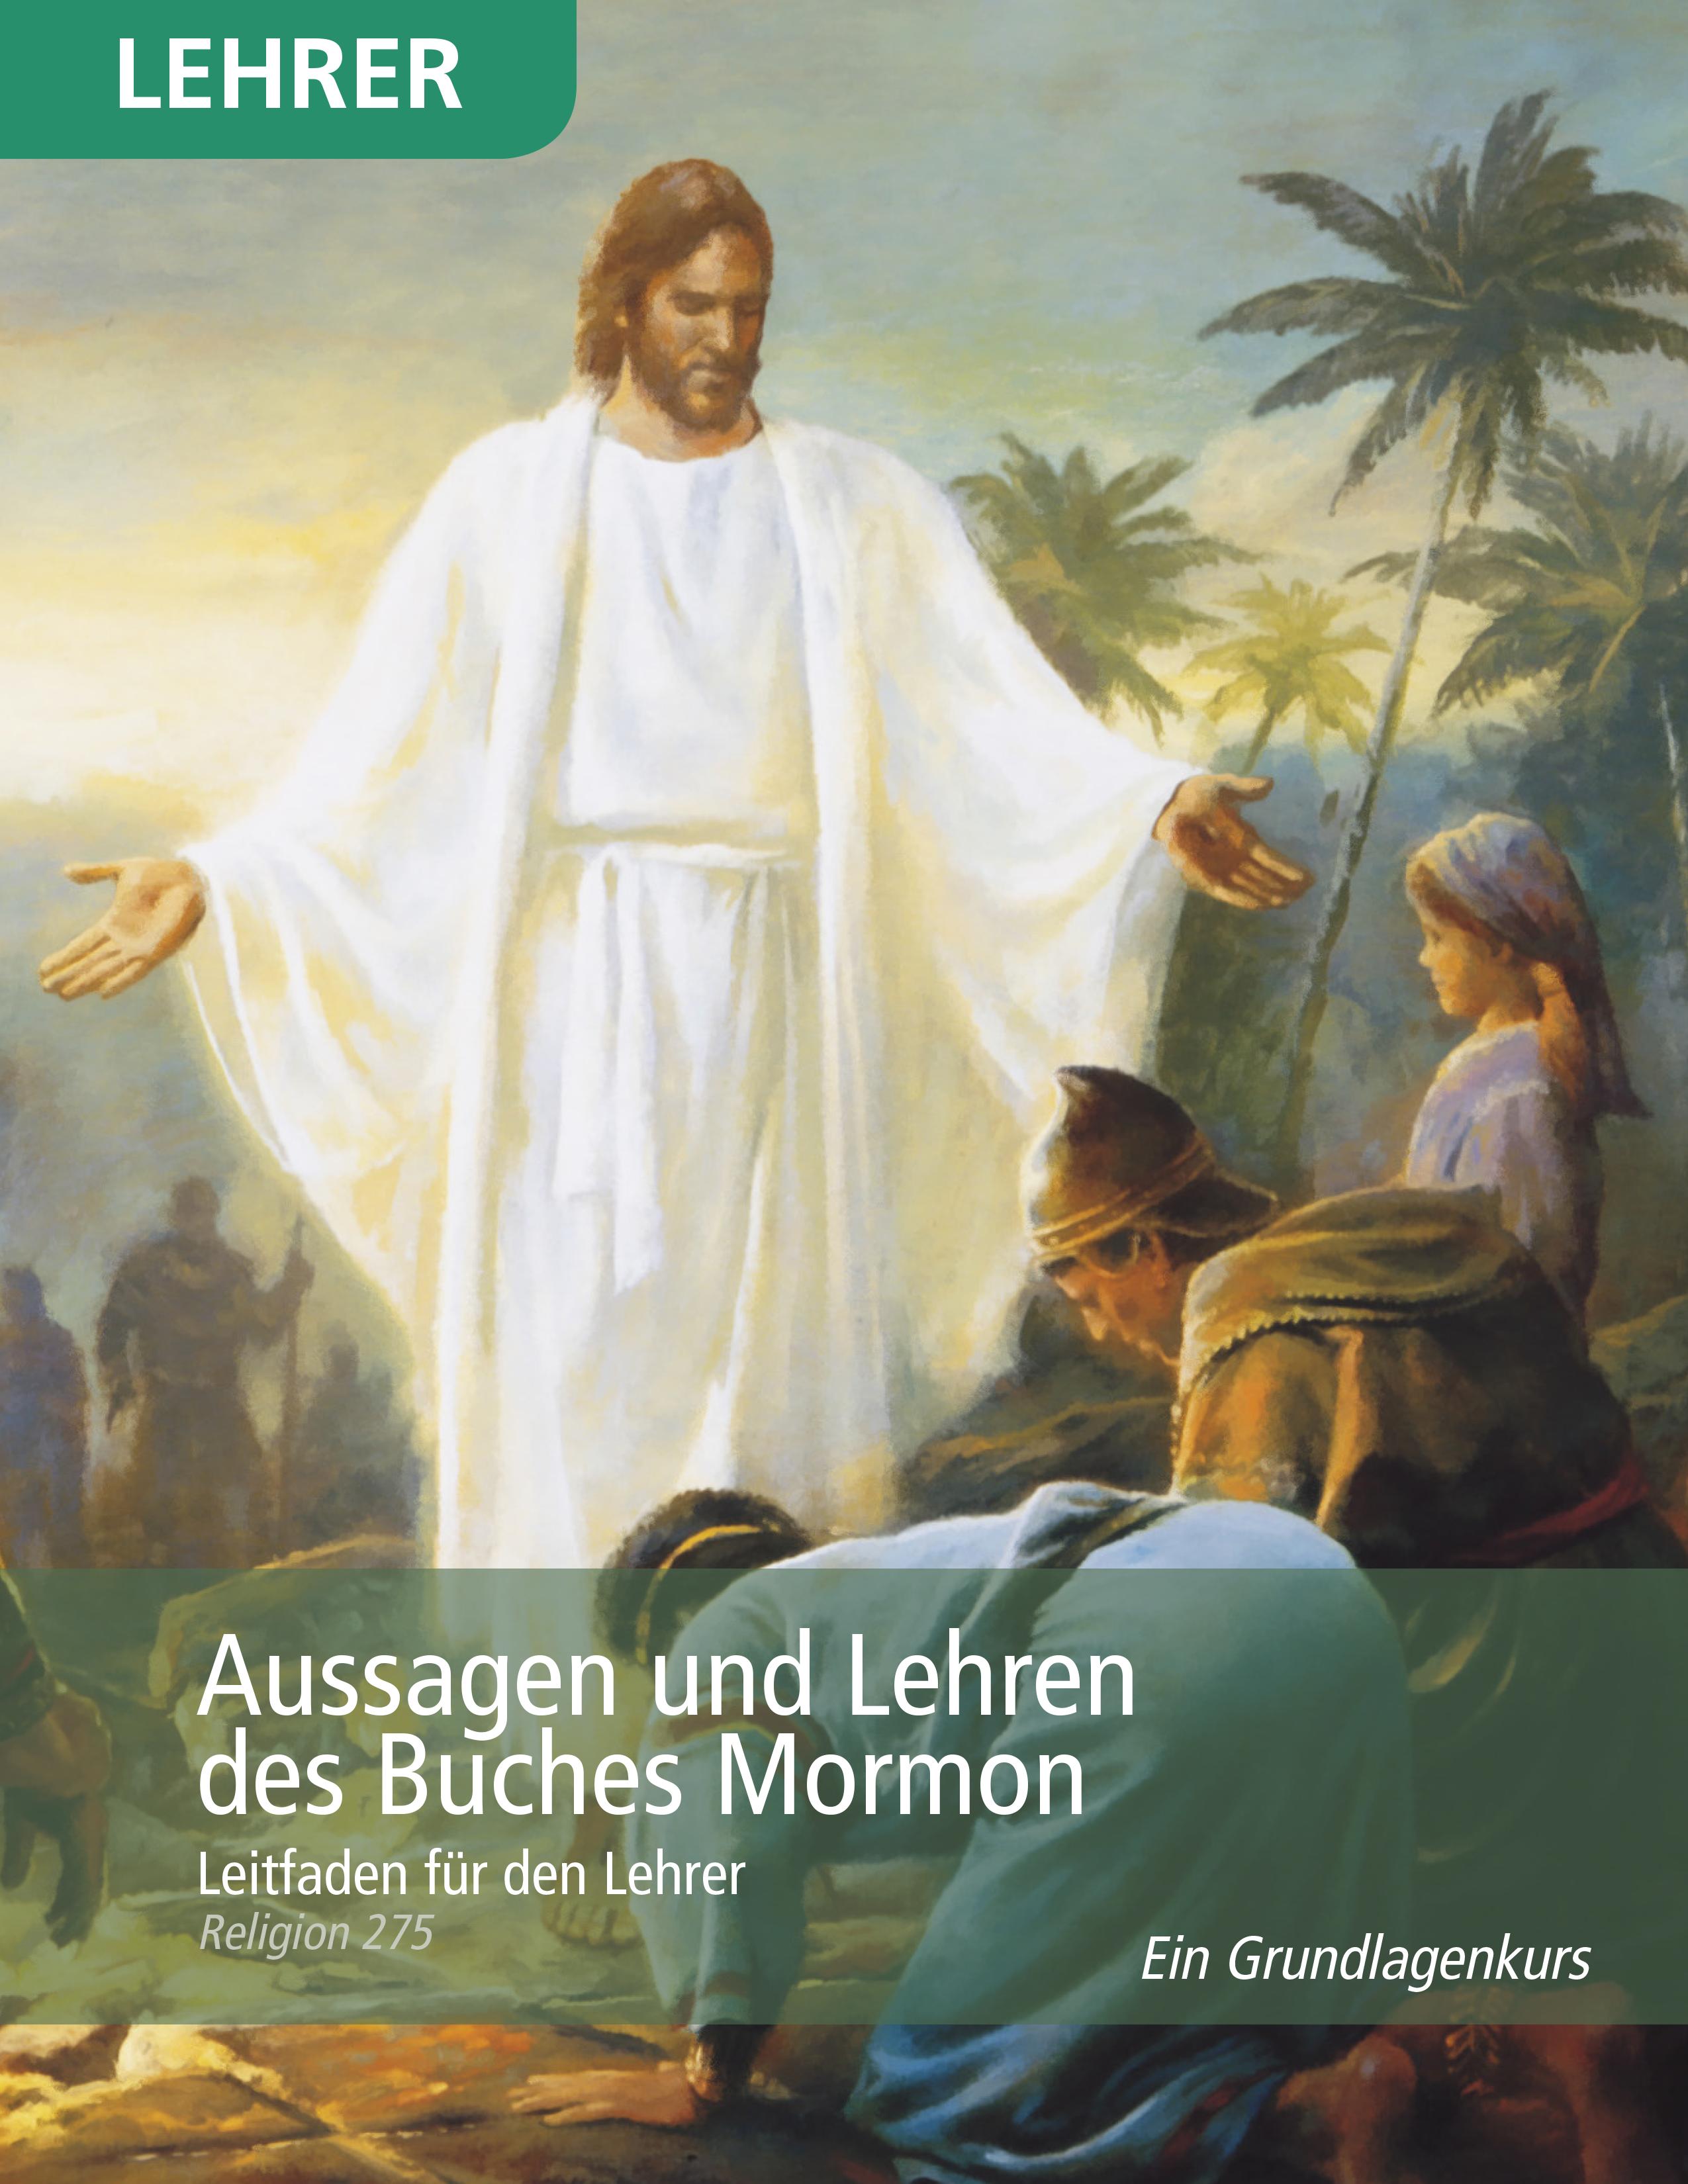 Aussagen und Lehren des Buches Mormon– Leitfaden für den Lehrer (Religion 275)